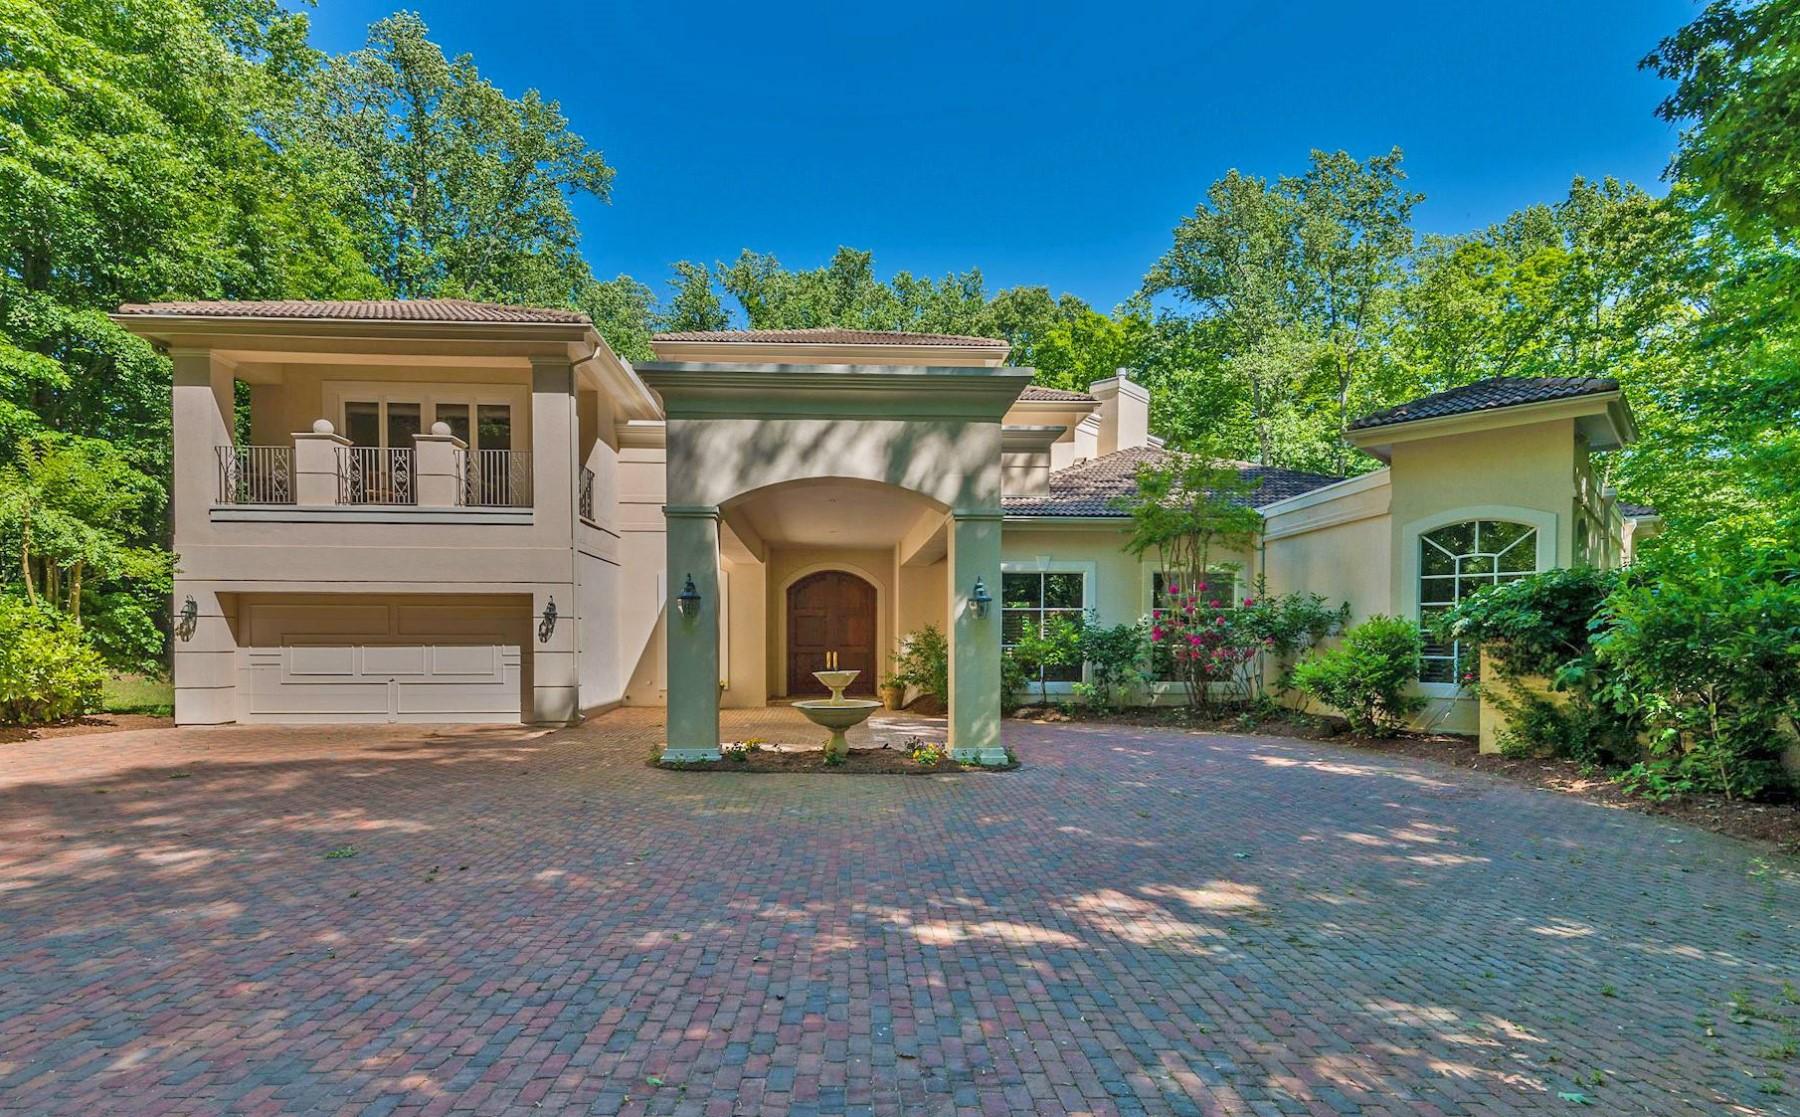 一戸建て のために 売買 アット 1367 Morgans Ridge Lane, Crownsville 1367 Morgans Ridge Ln Crownsville, メリーランド 21032 アメリカ合衆国